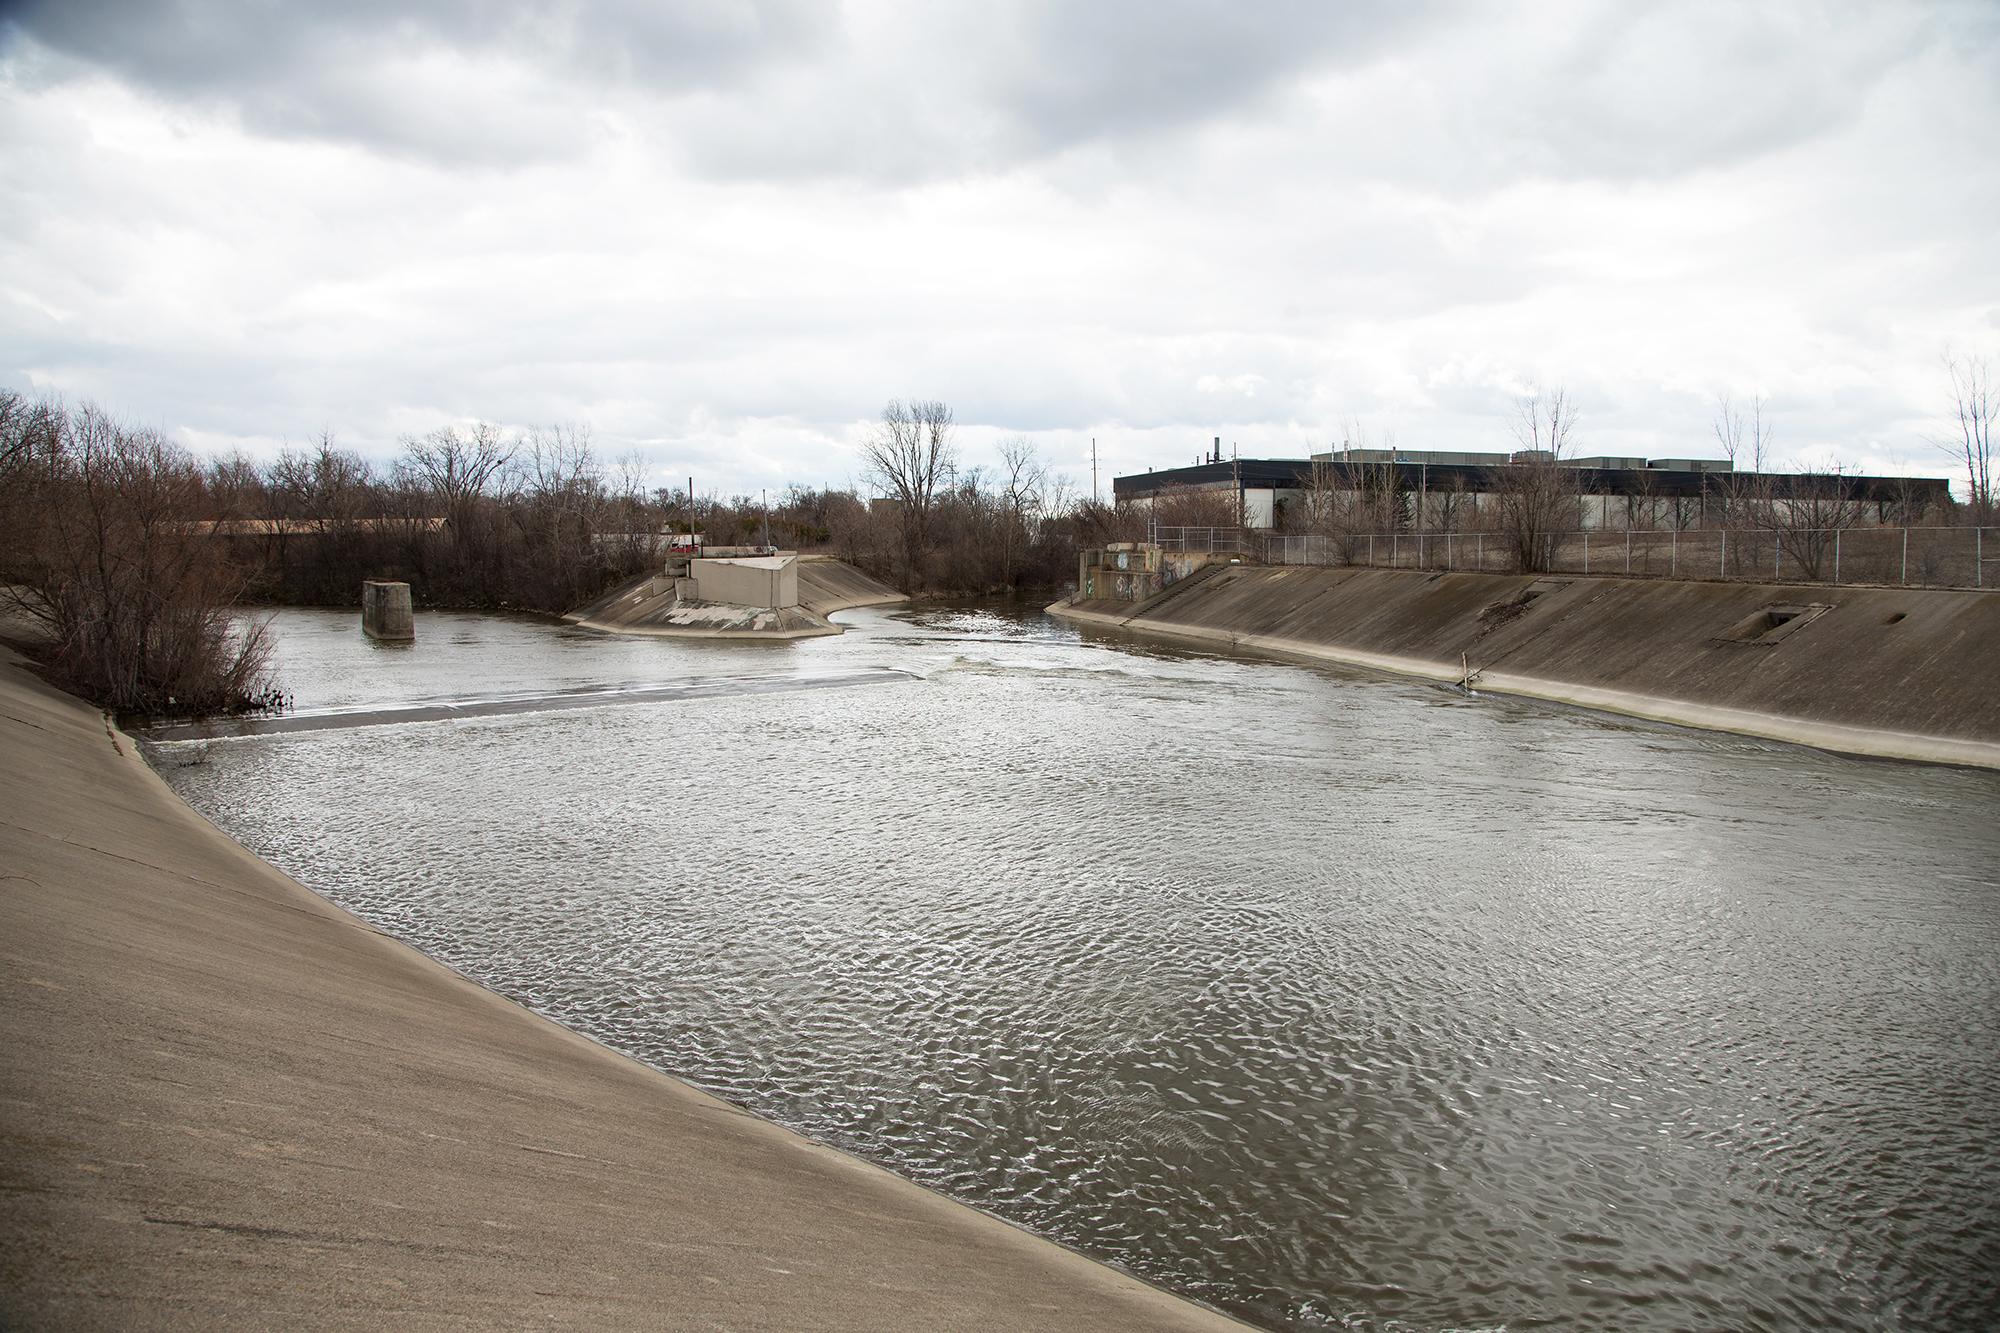 Lethal Pneumonia Outbreak Caused By Low Chlorine In Flint Water